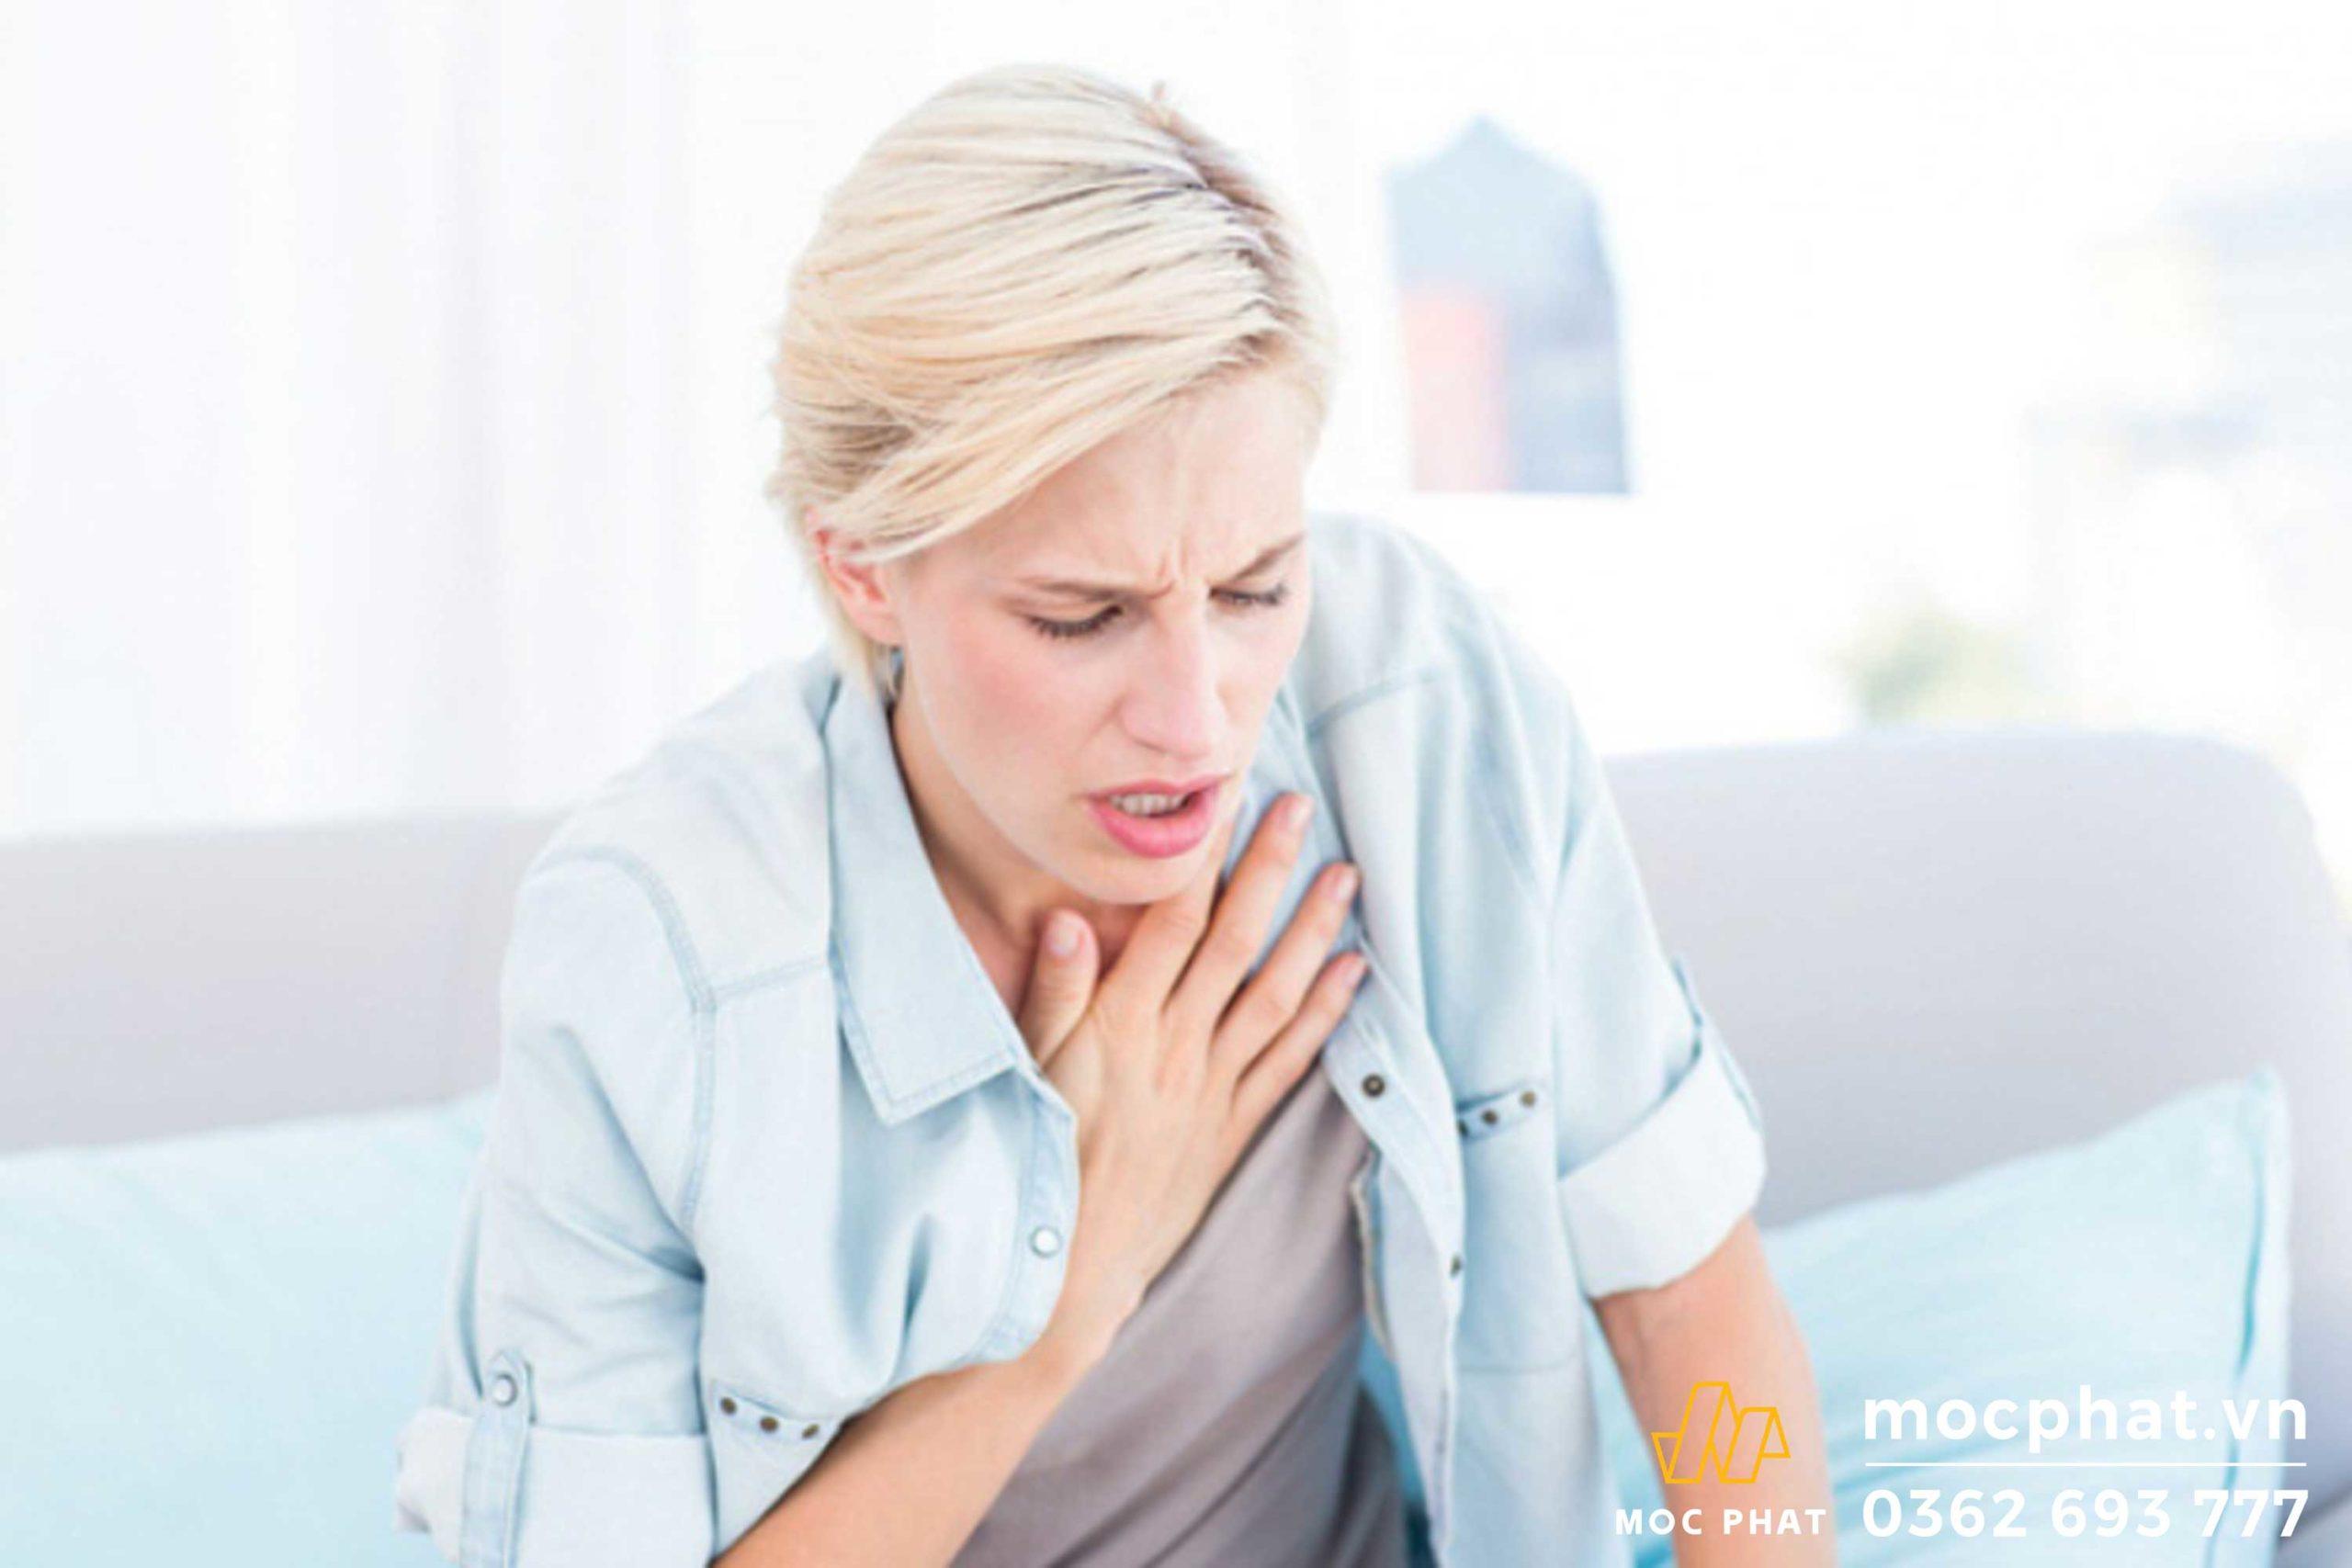 Hít phải formaldehyde có thể gây khó thở